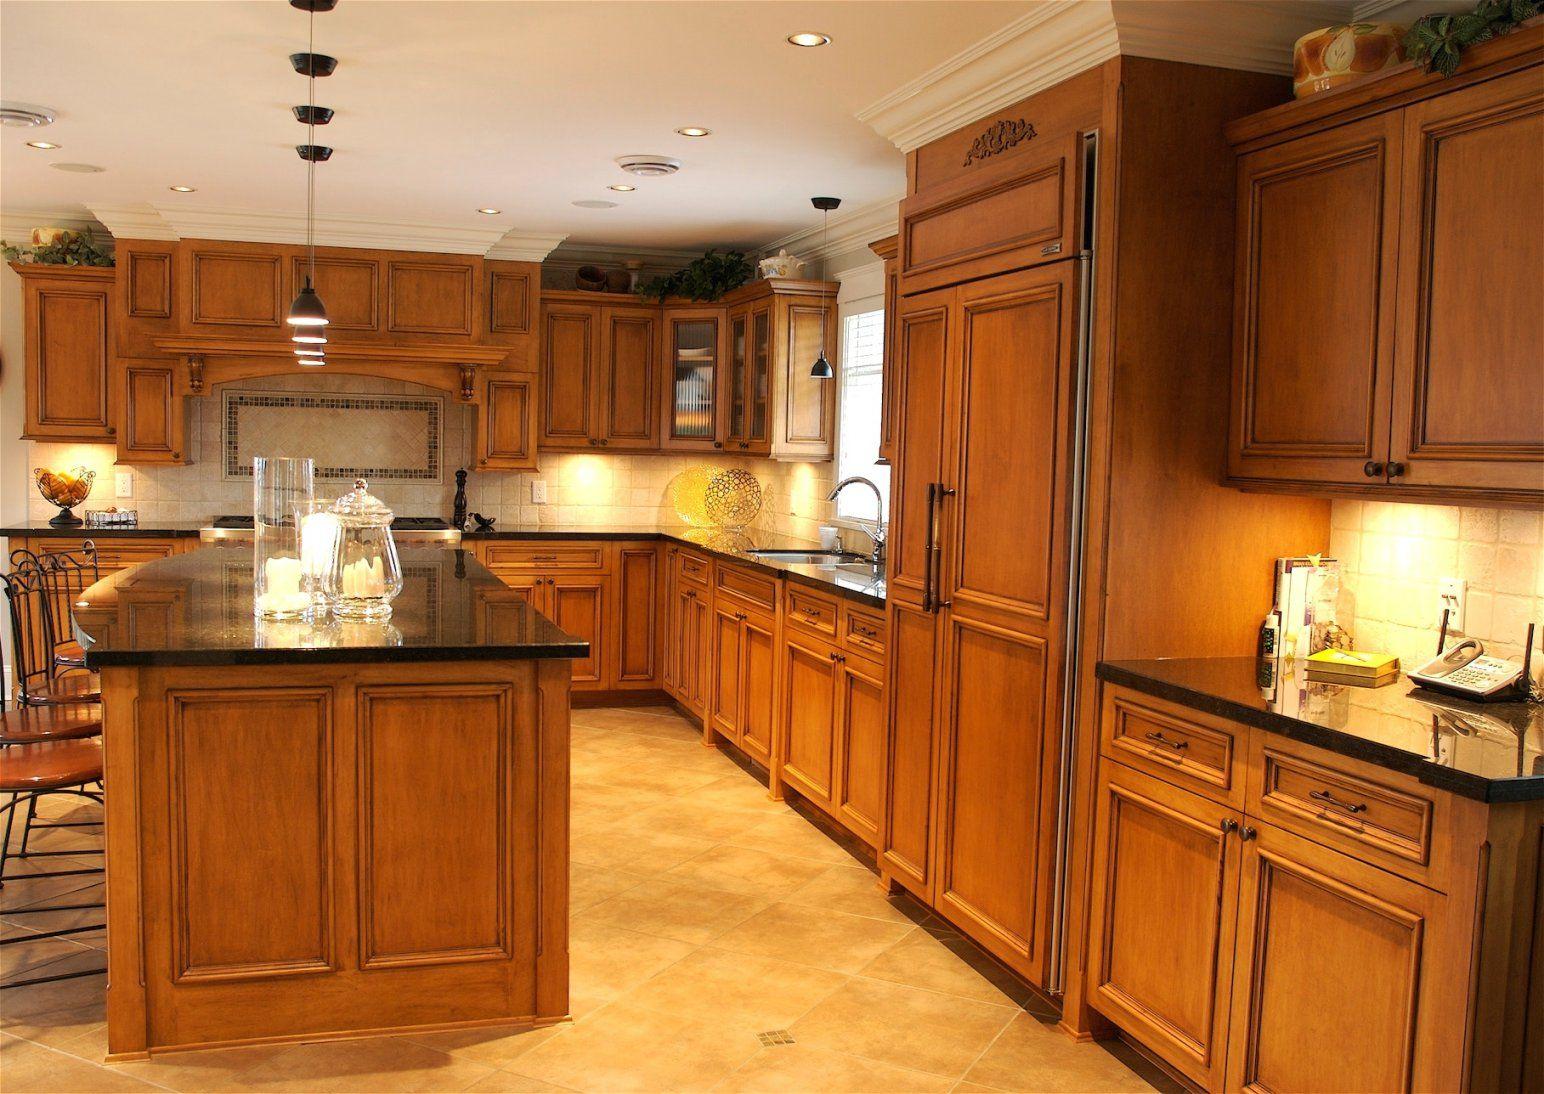 Rustikale Küche Modernisieren   Küche Eiche Rustikal Weiss Streichen